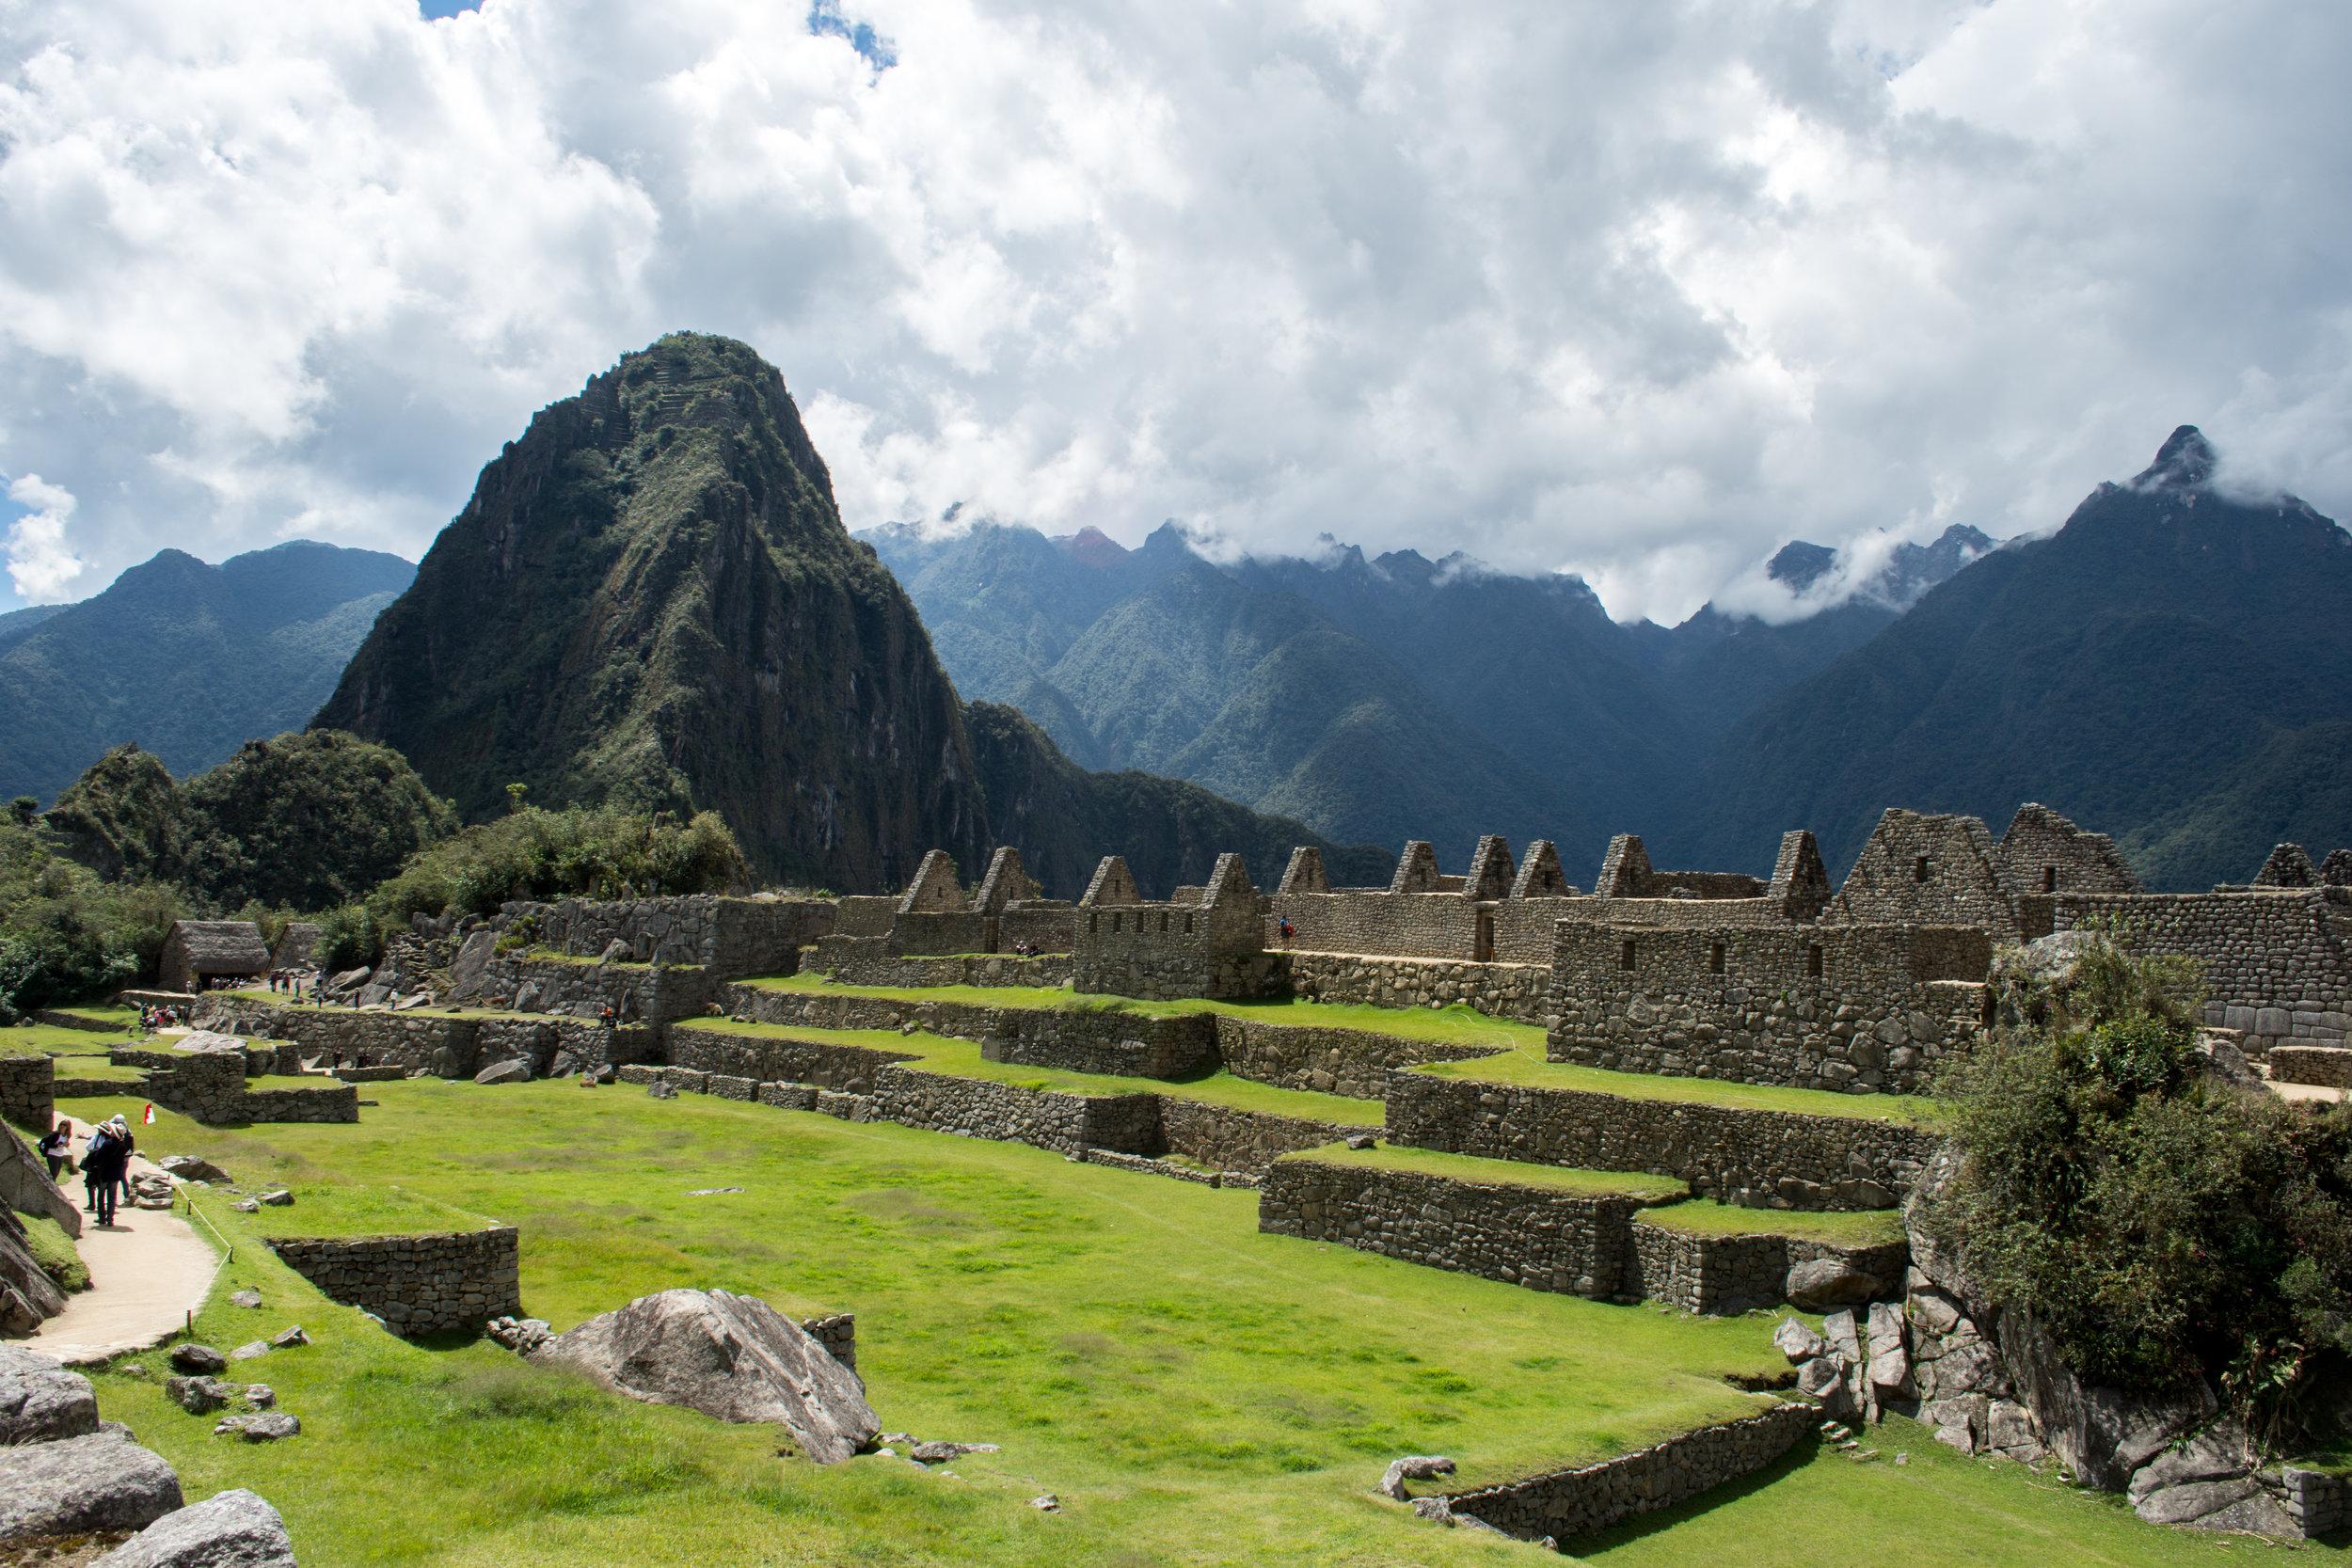 Main Square of Machu Picchu